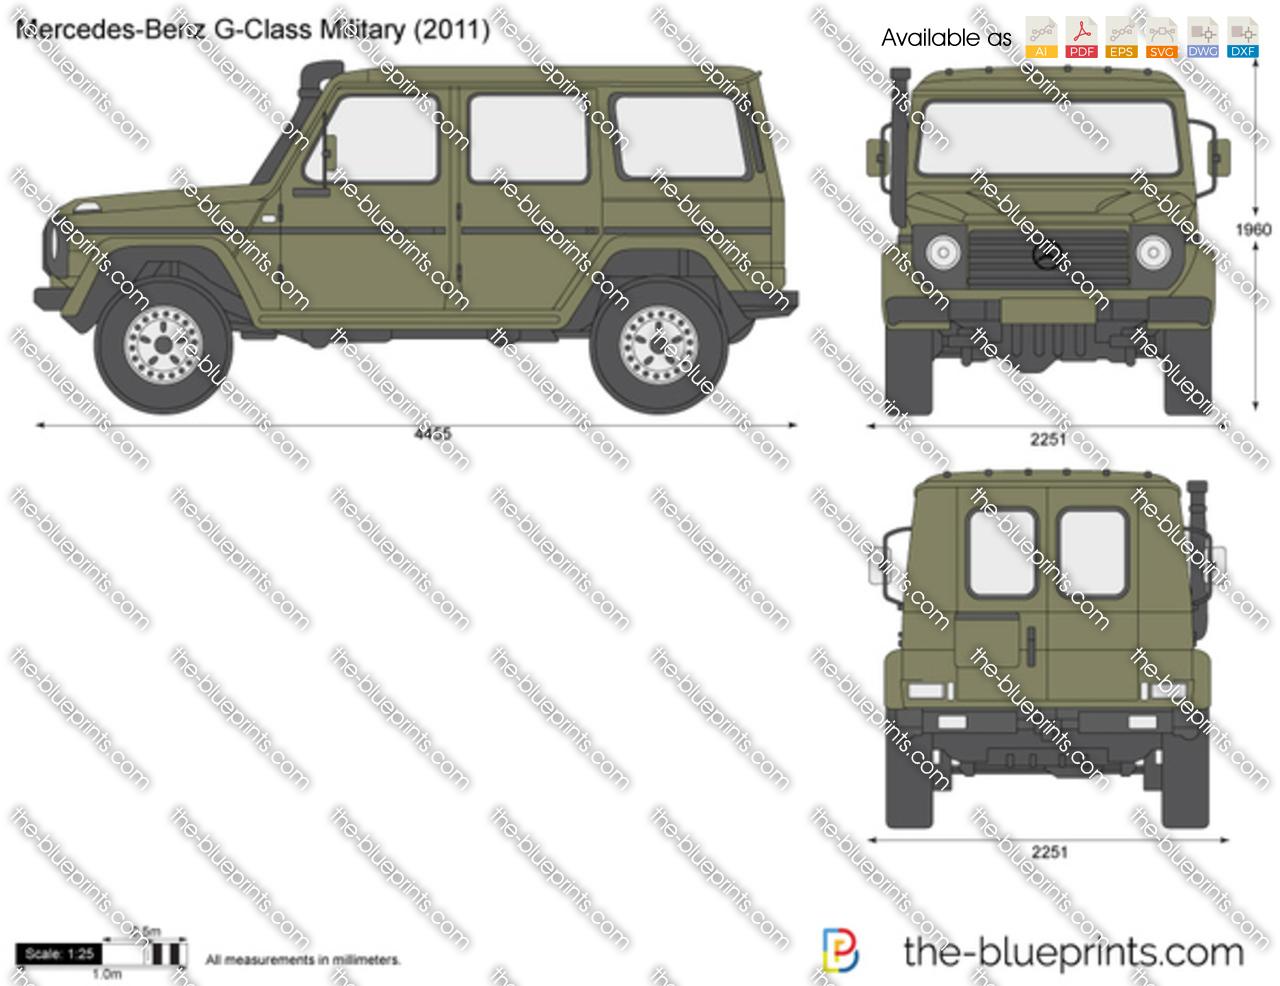 Mercedes-Benz G-Class Military 461 2013